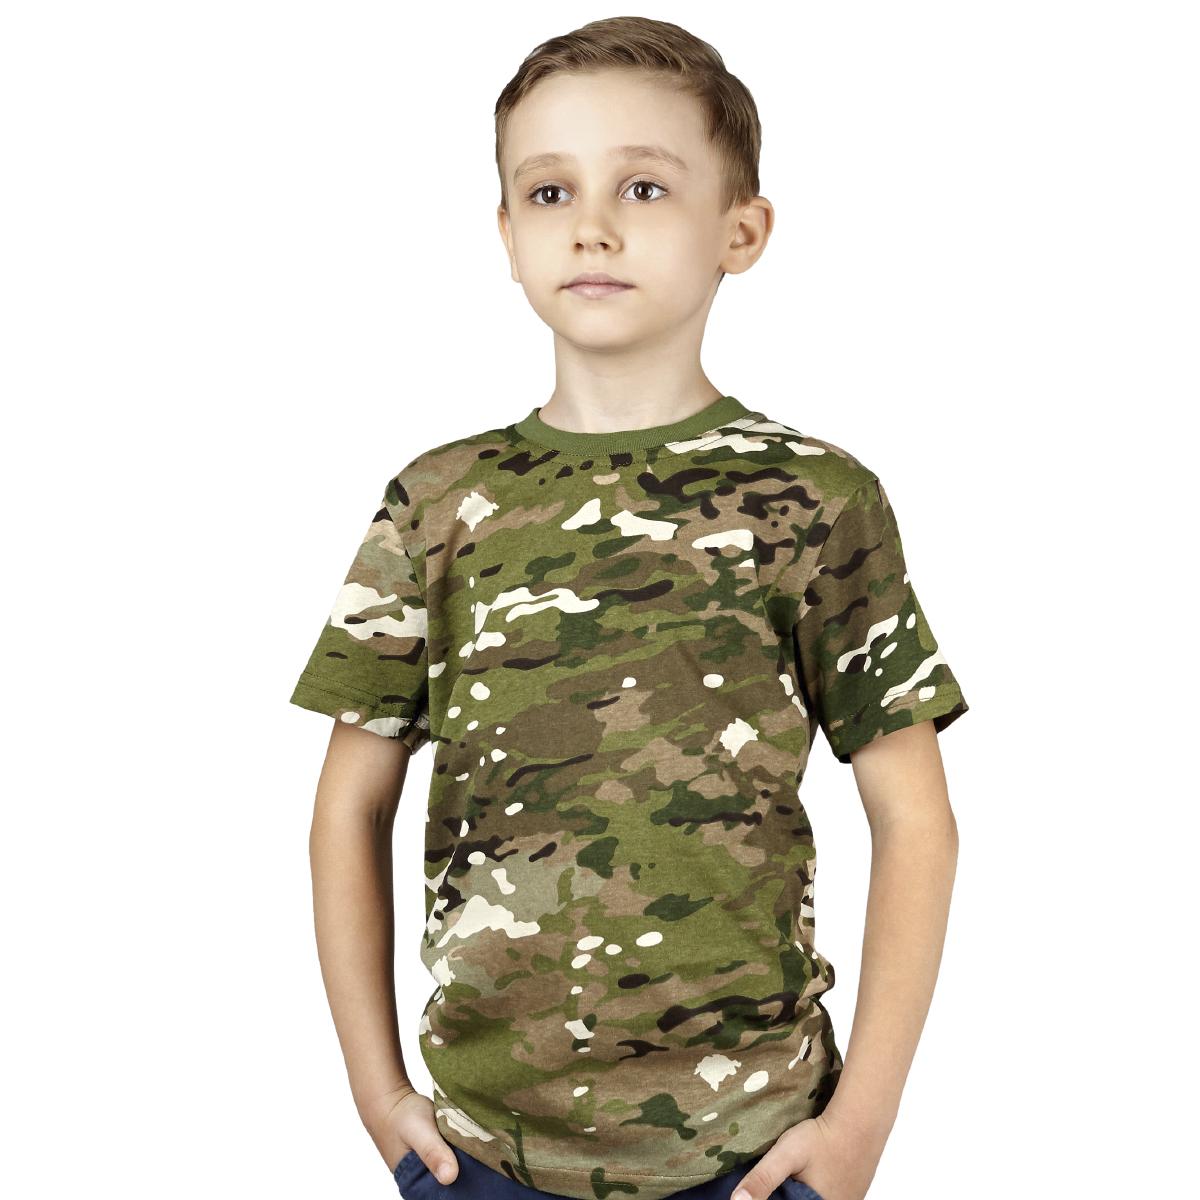 Детская футболка камуфляжная (мультикам)